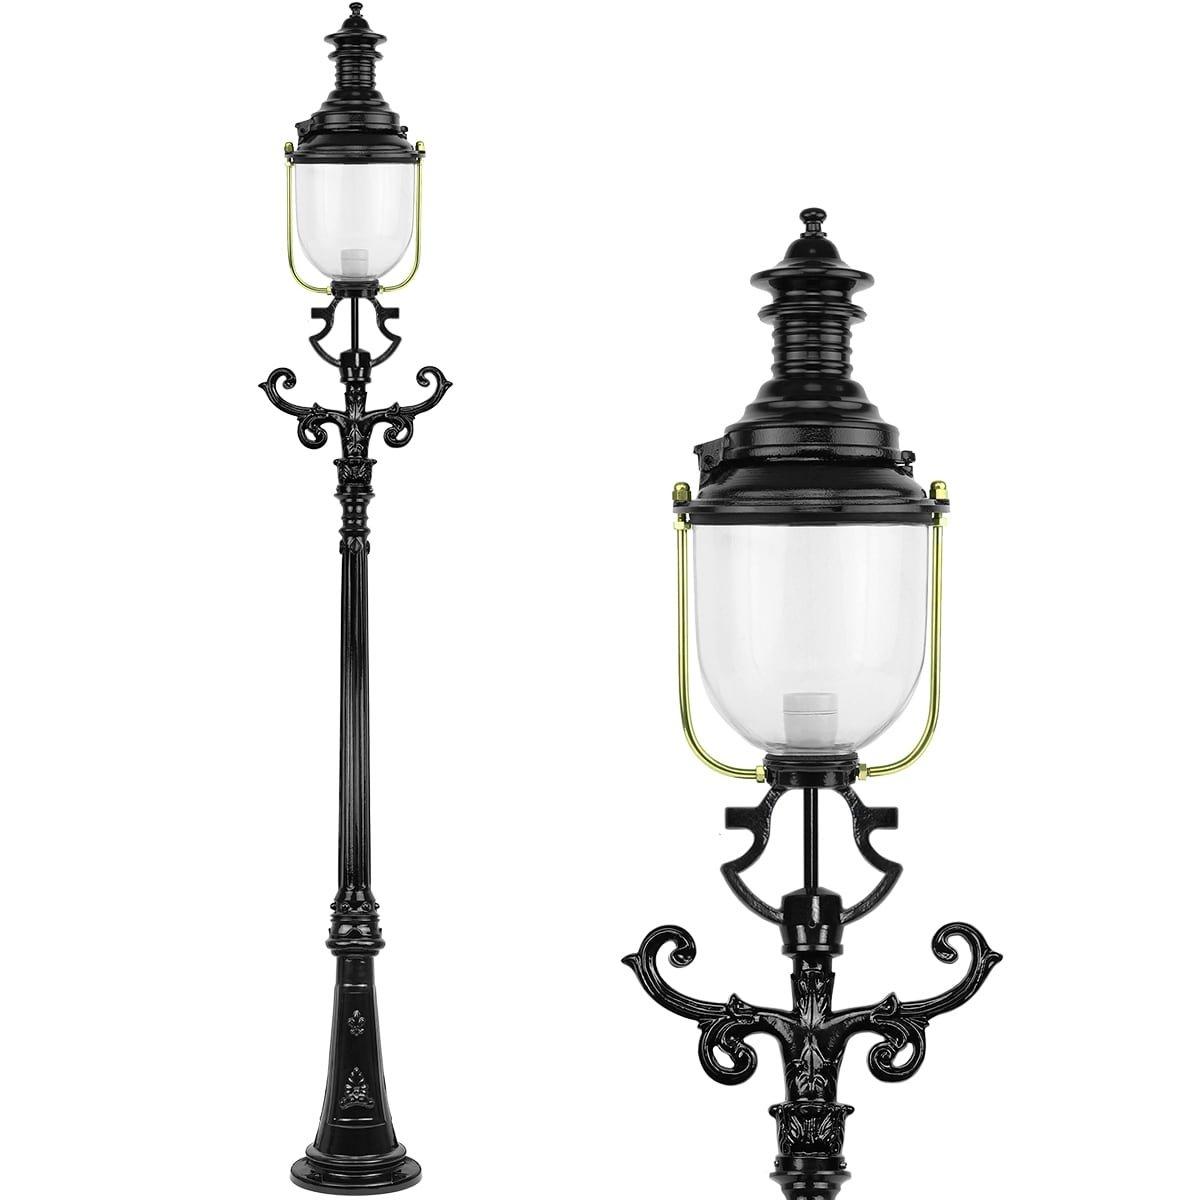 Outdoor Lighting Classic Rural Lantern post 20th century Beilervaart - 280 cm